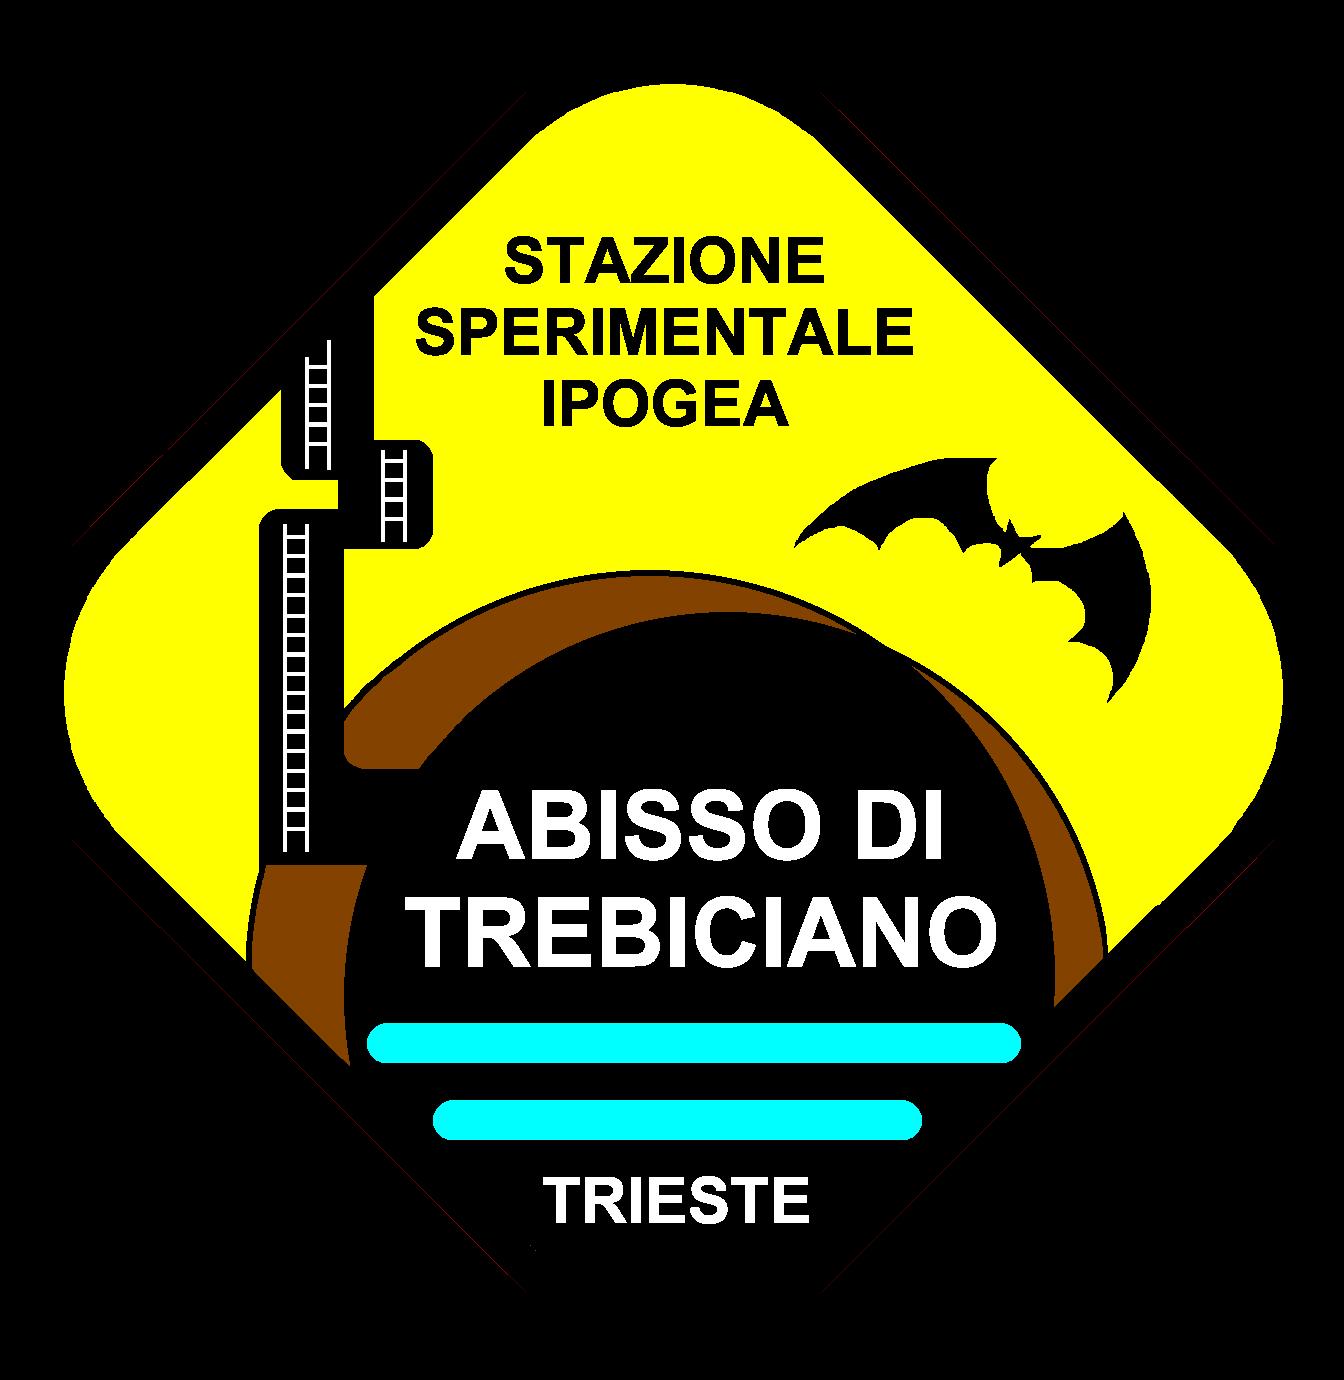 Logo Abisso Trebiciano - Stazione sperimentale ipogea